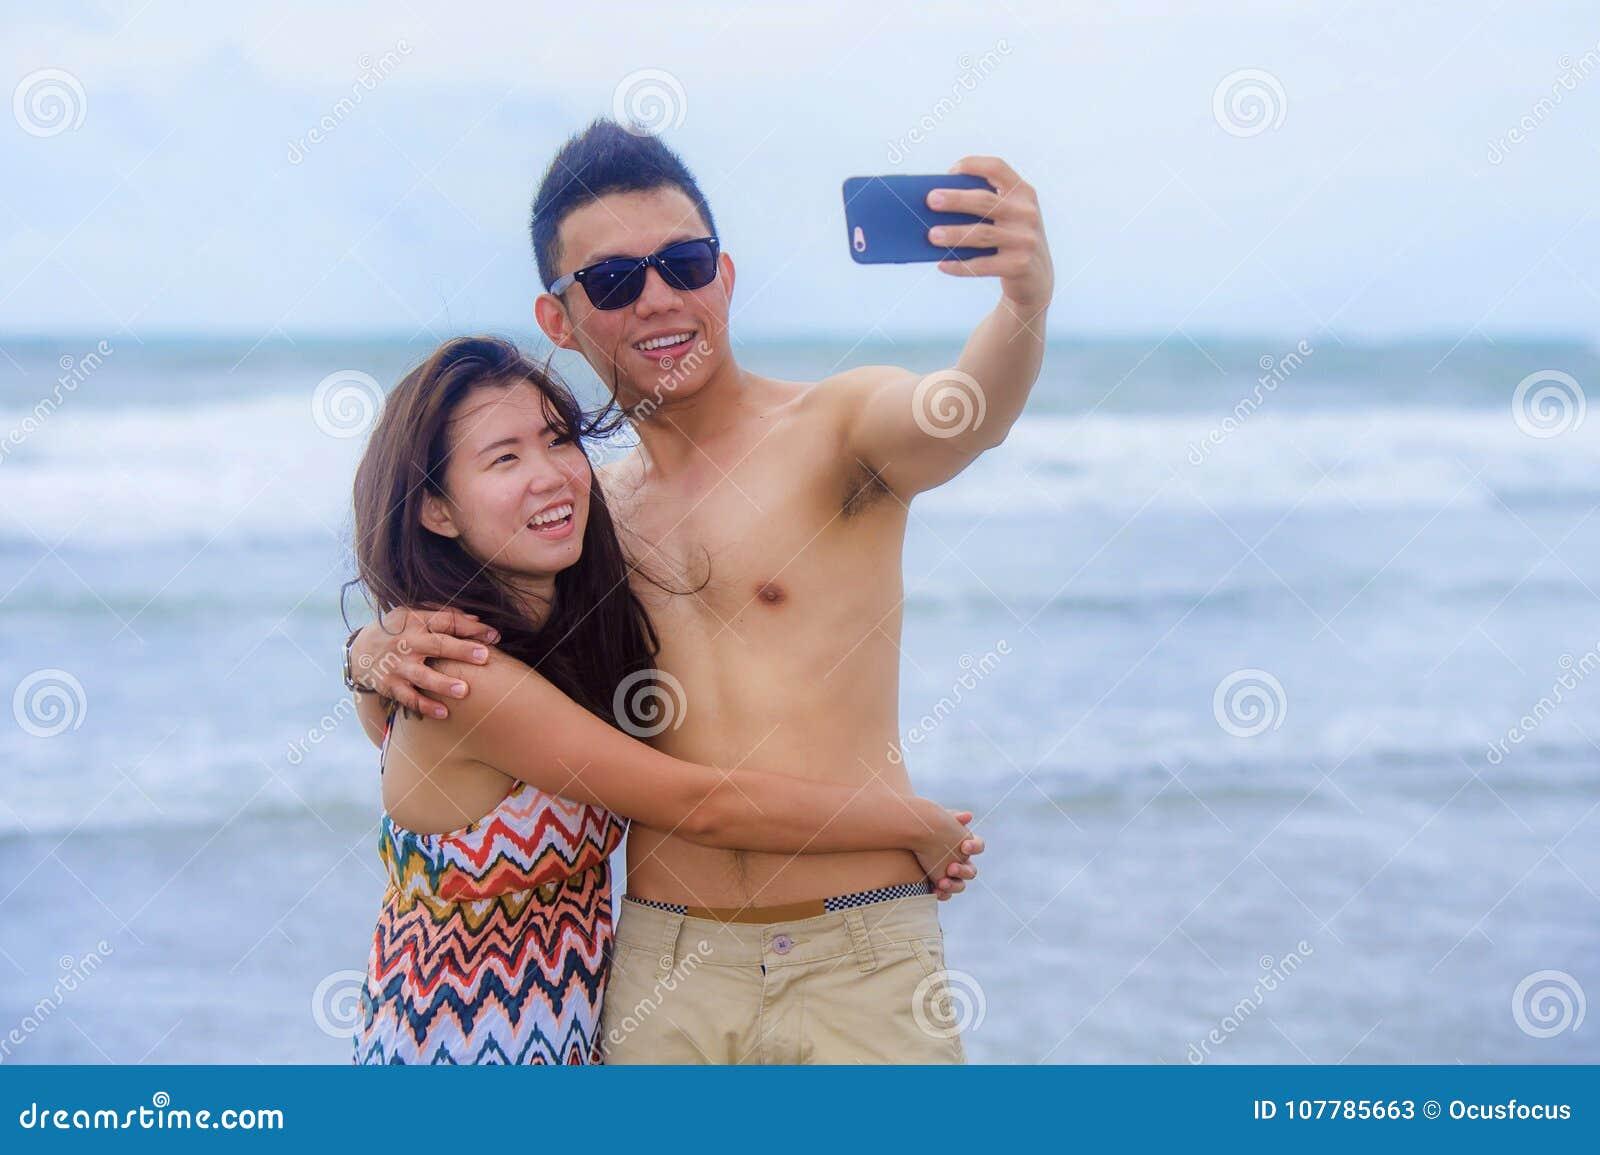 Sexy thai beach